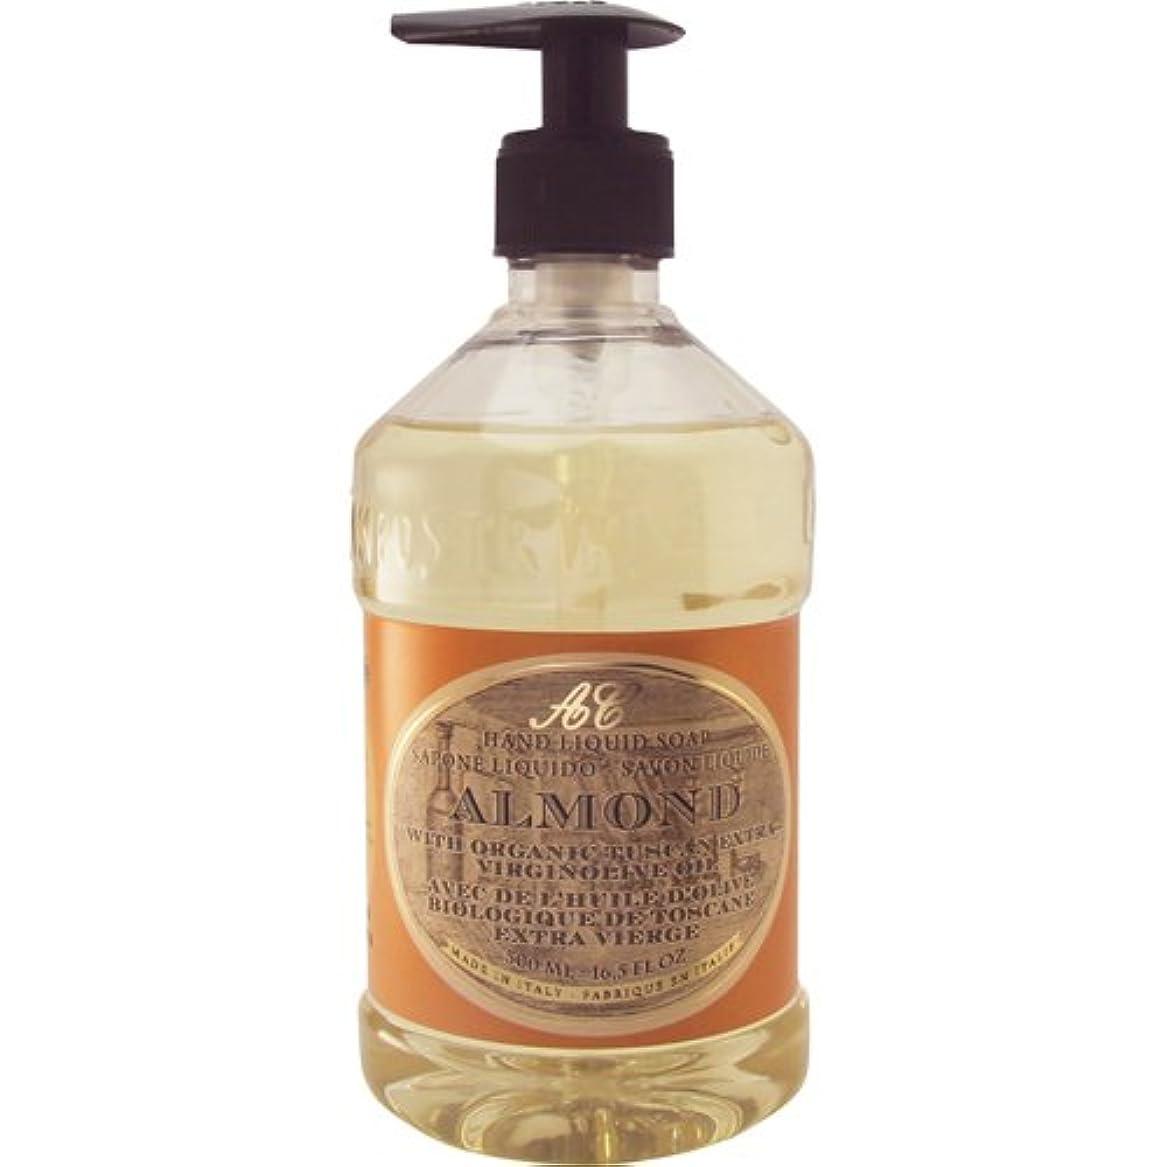 最初目指すええSaponerire Fissi レトロシリーズ Liquid Soap リキッドソープ 500ml Almond アーモンドオイル